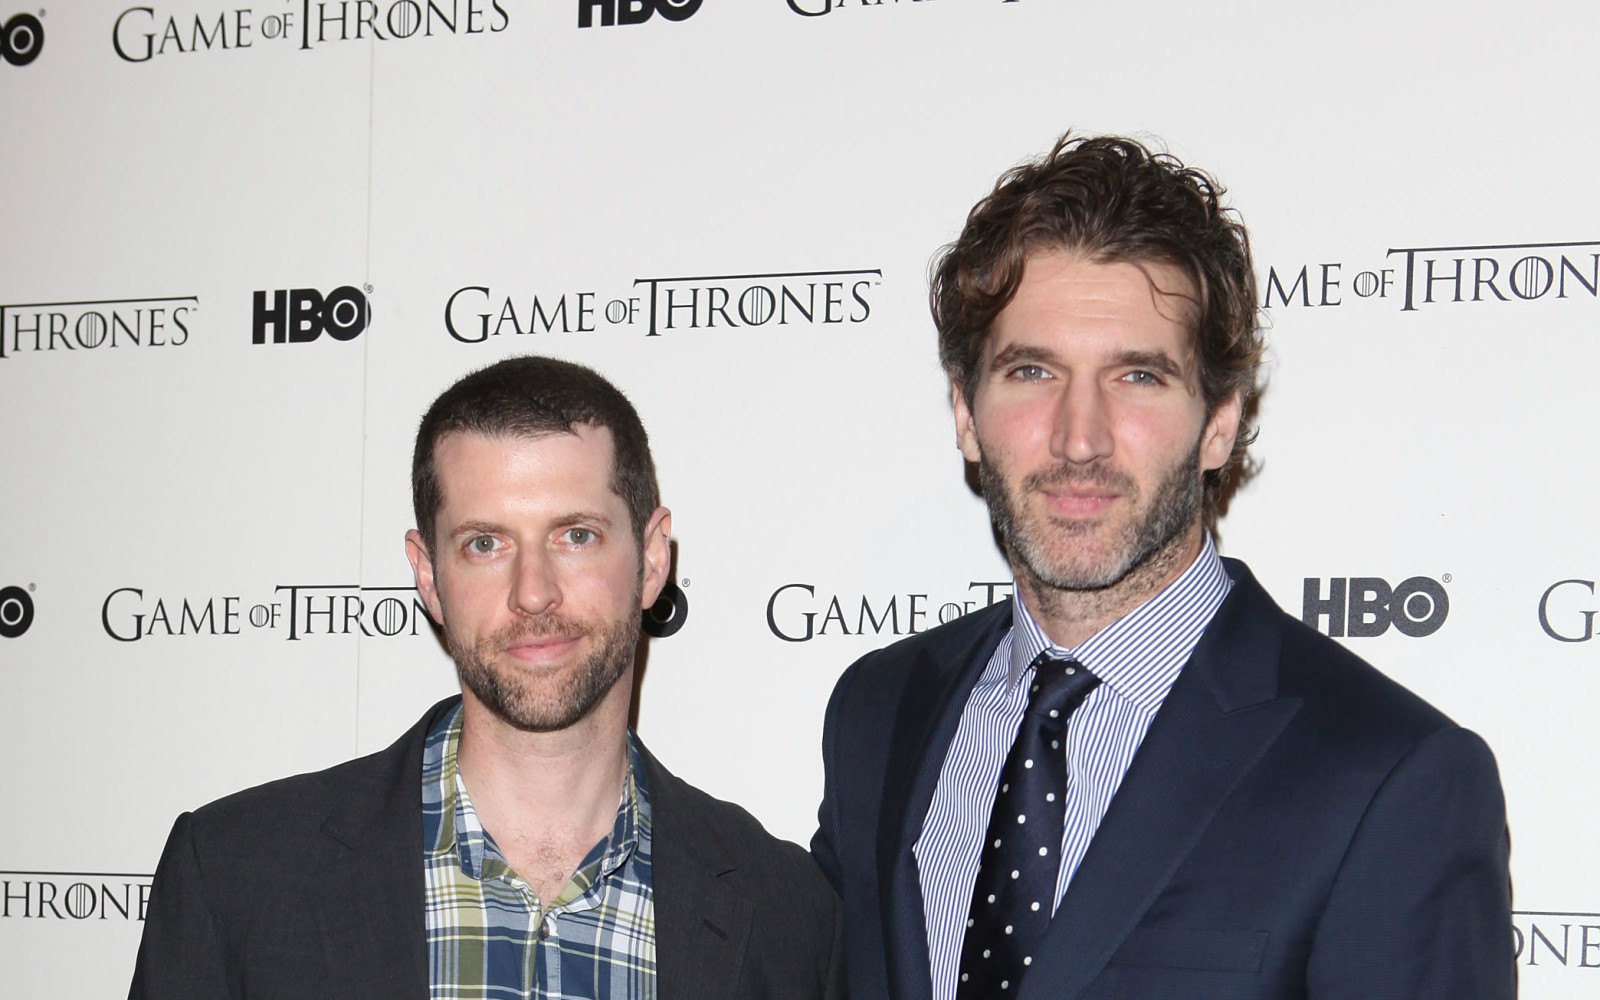 《权力的游戏》编剧戴维·贝尼奥夫、D·B·威斯将与Netflix签订全球独家合作协议